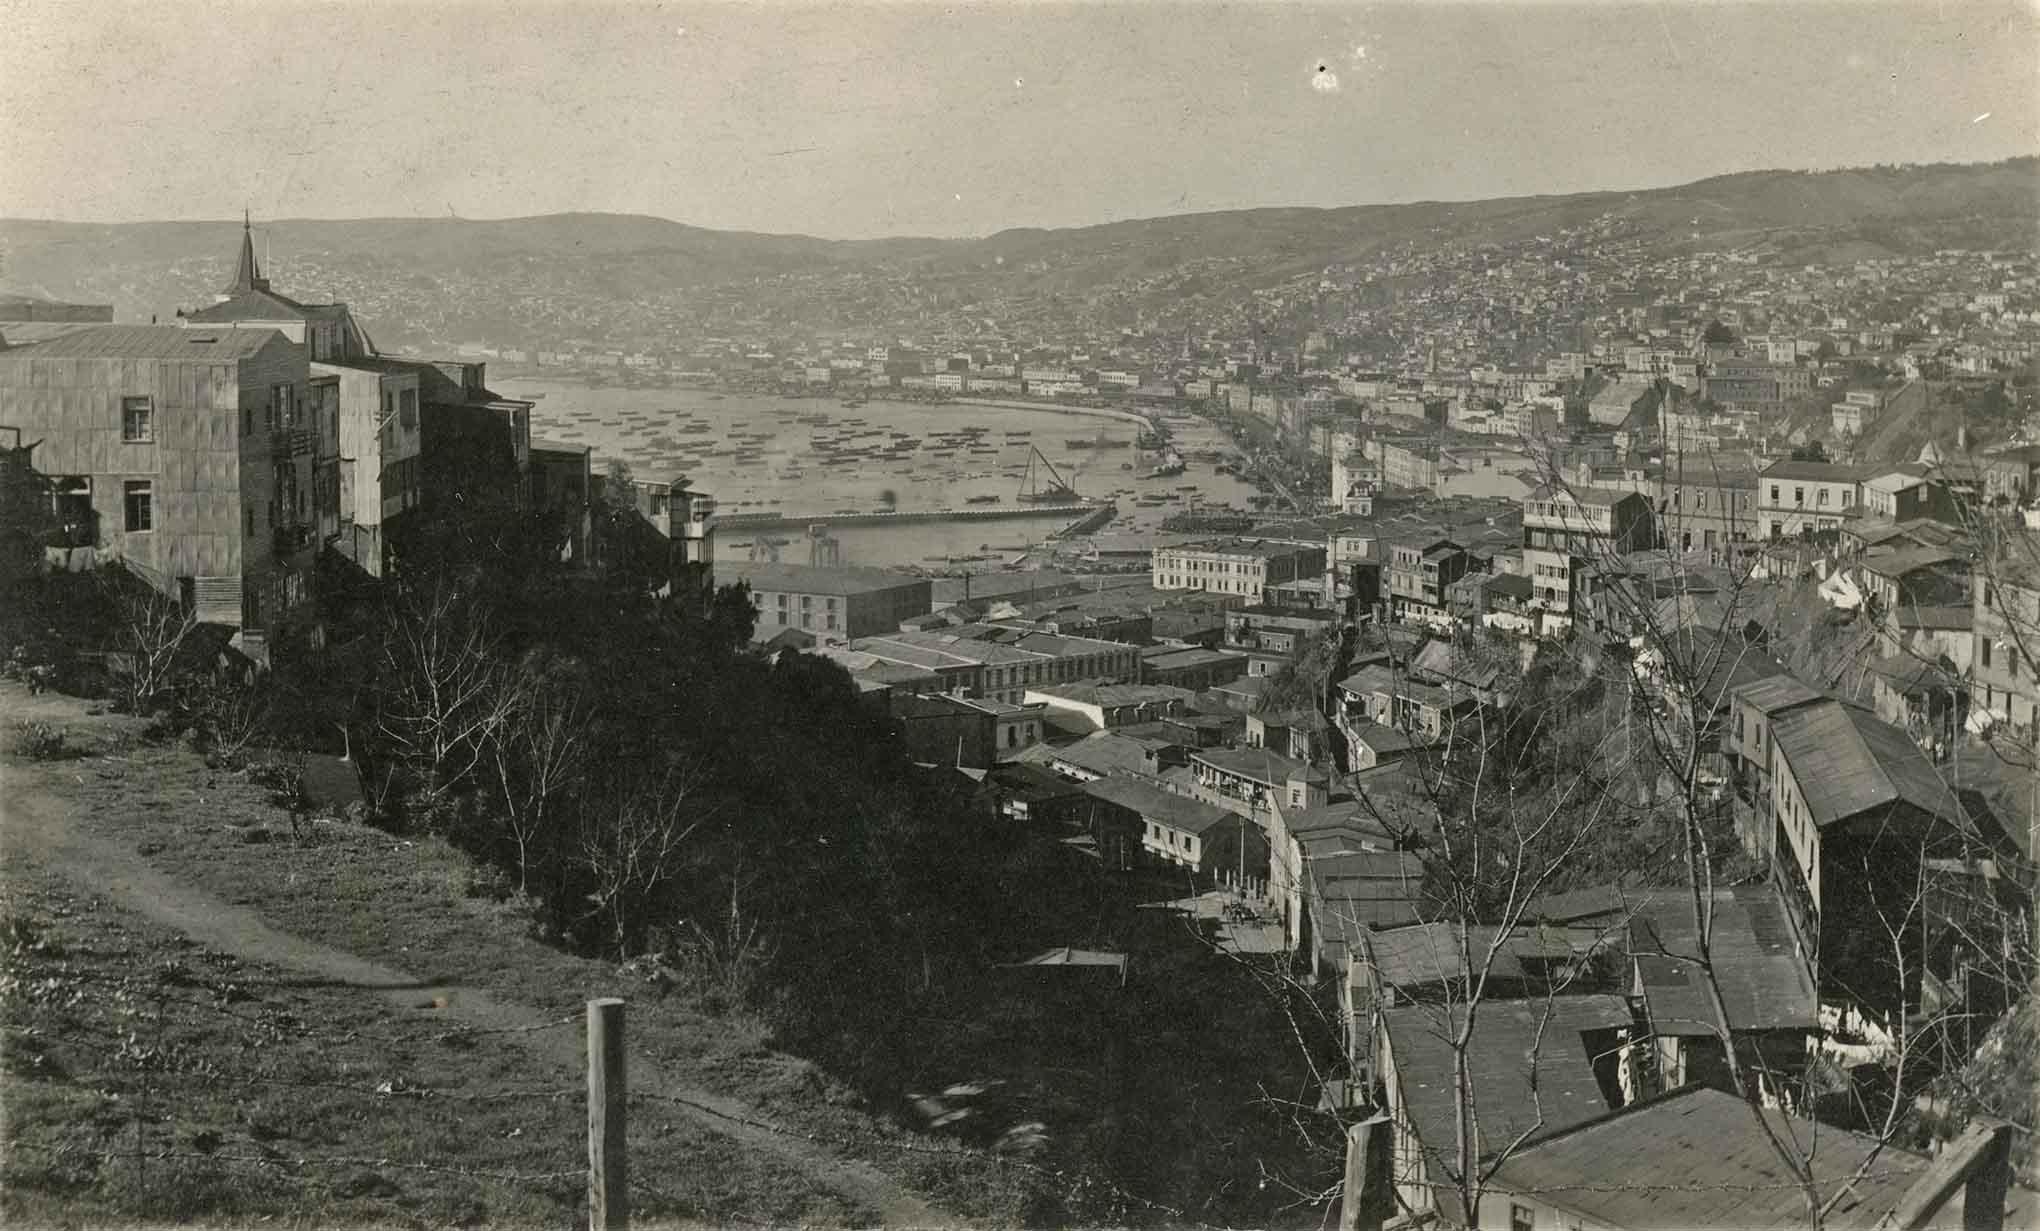 Enterreno - Fotos históricas de chile - fotos antiguas de Chile - Construcción de relleno de Valparaíso en 1920